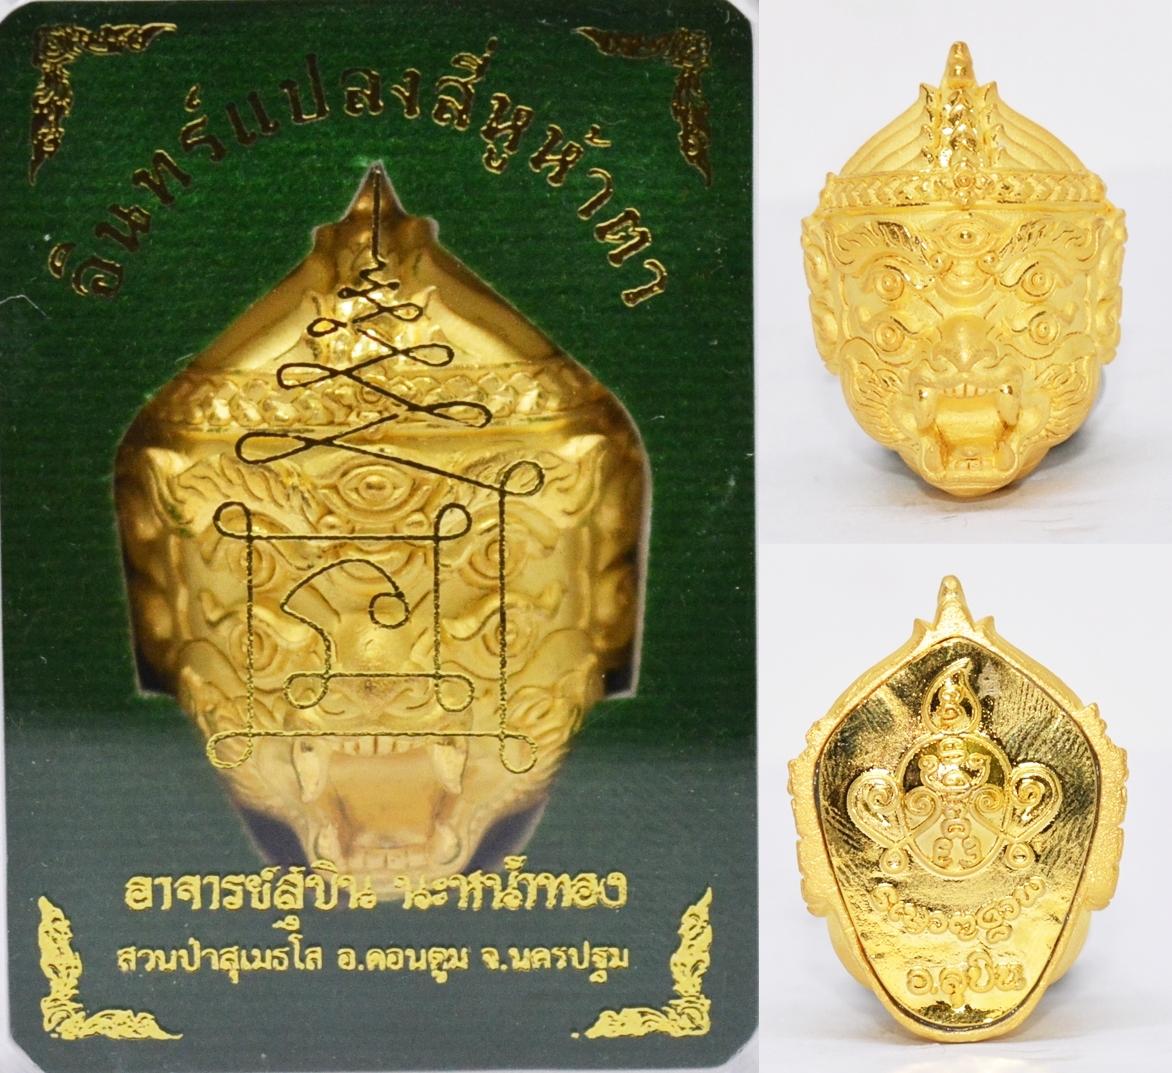 เทพอินทร์แปลงสี่หูห้าตา หน้าหนุมาน เนื้อสัมฤทธิ์ชุบทอง อาจารย์สุบิน นะหน้าทอง 2556